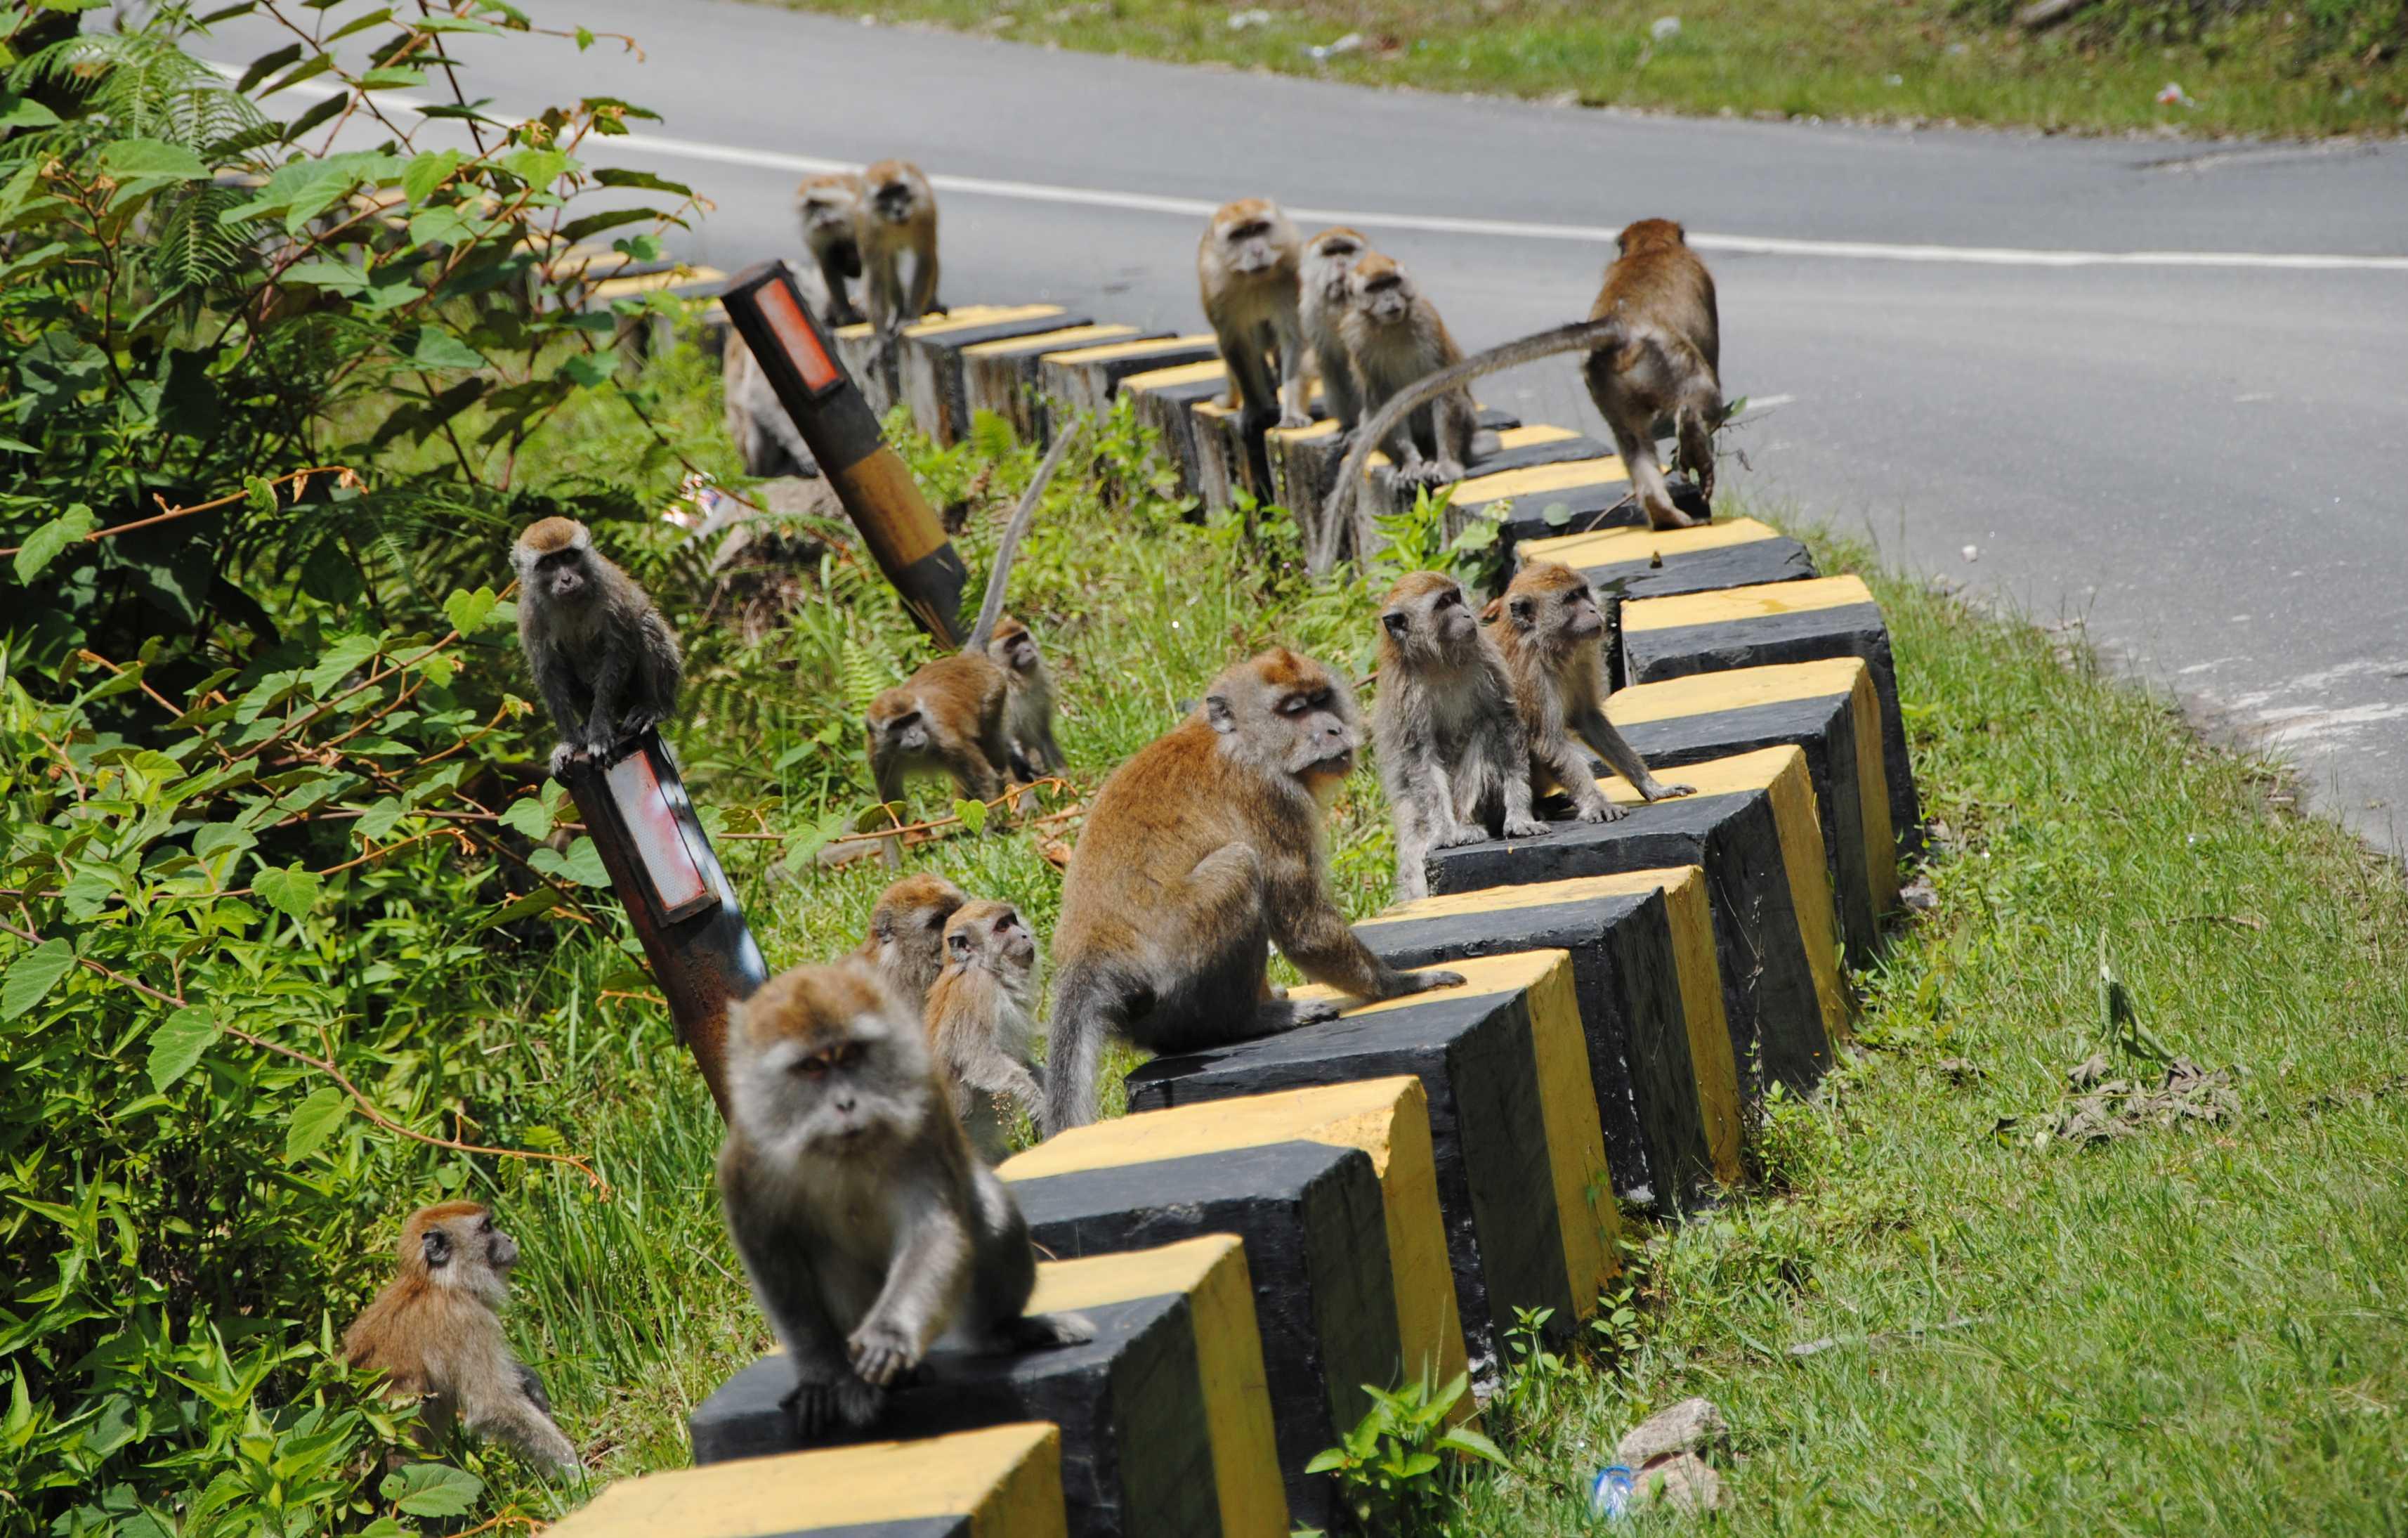 Affen am Straßenrand